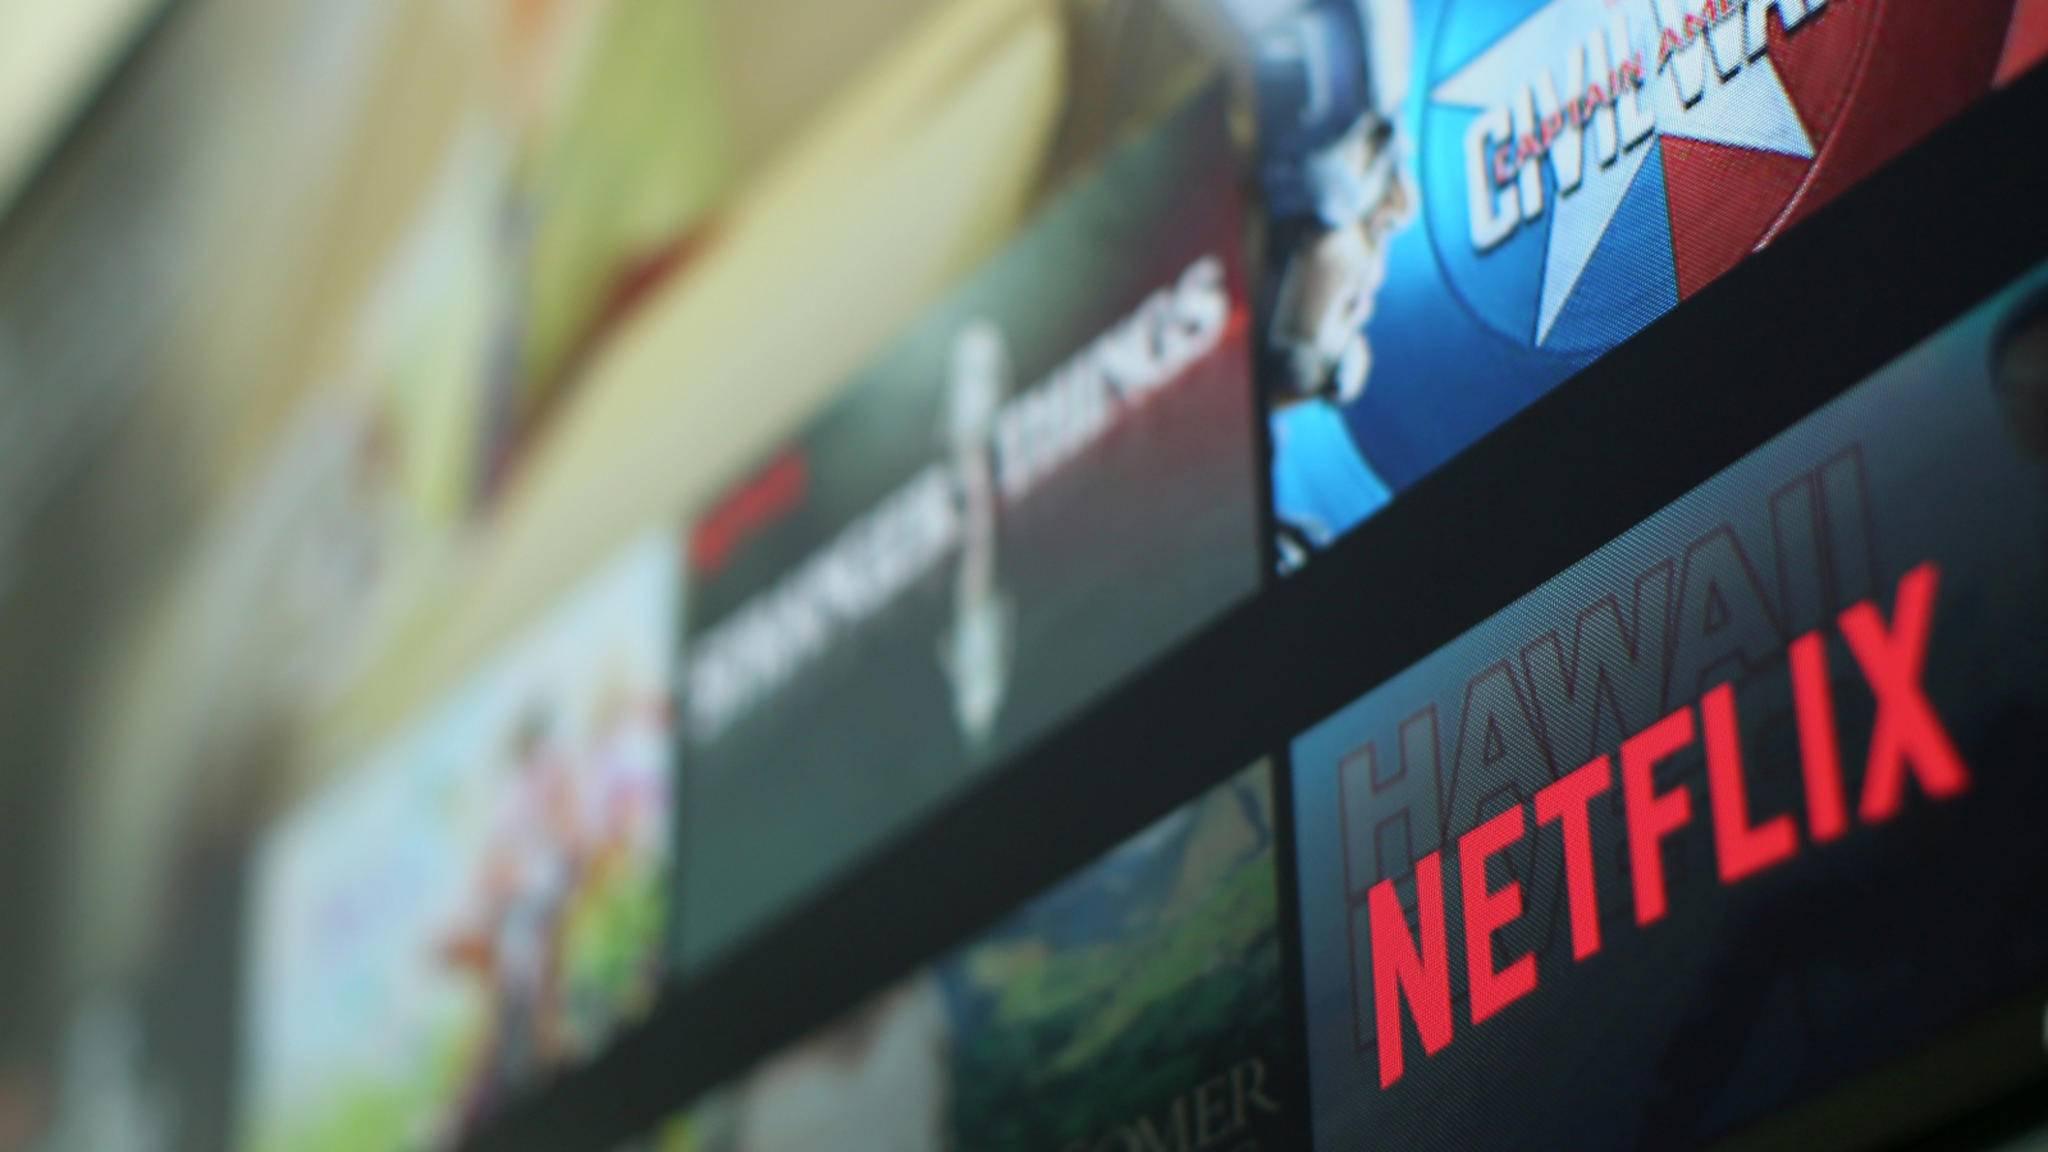 Entscheidungsschwach? Die Netflix-App hilft demnächst vielleicht nach ...